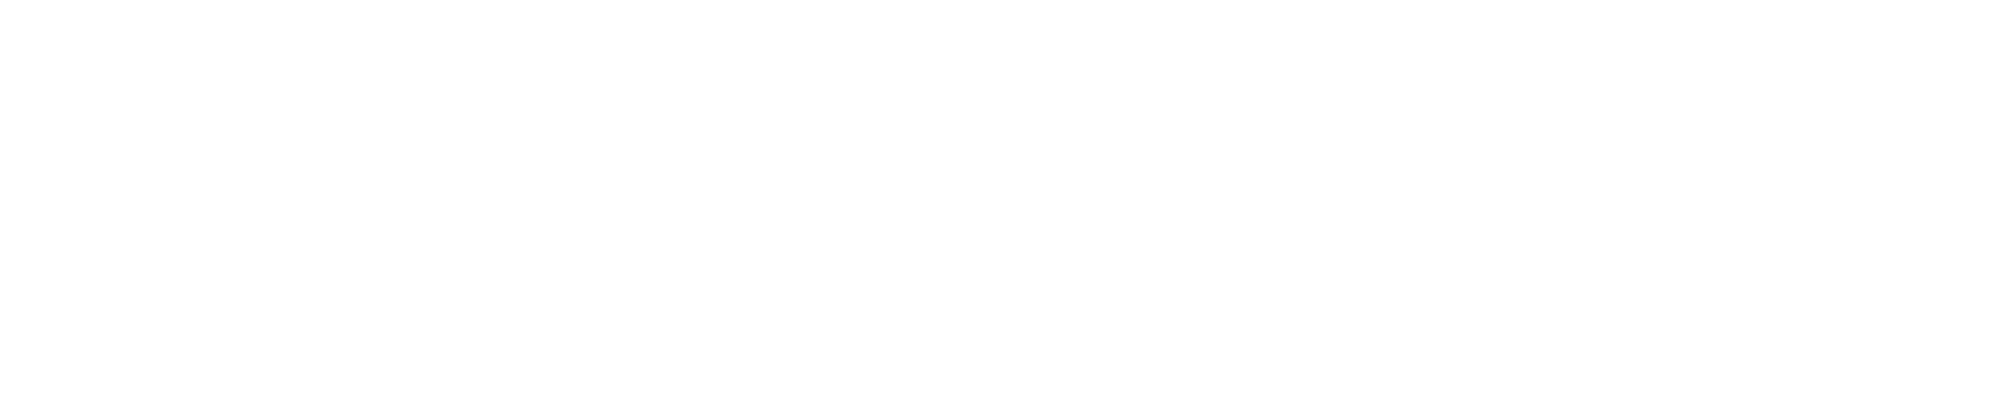 Header met witte iconen voor de 'Home'-pagina van AGMJ